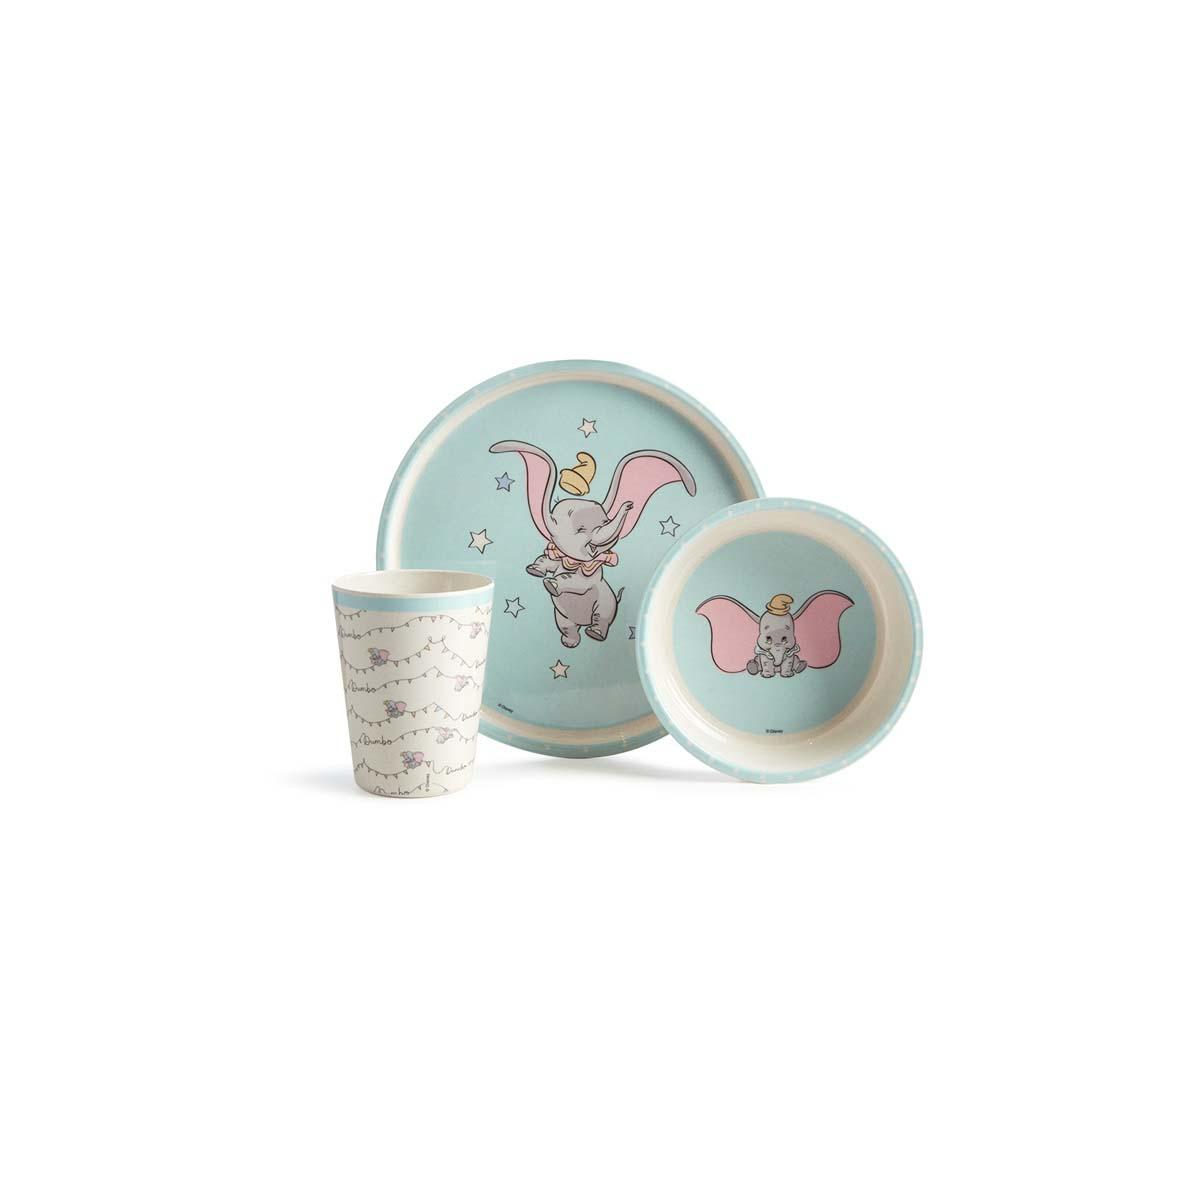 Dumbo: la tenera collezione Primark ispirata all'elefantino Disney